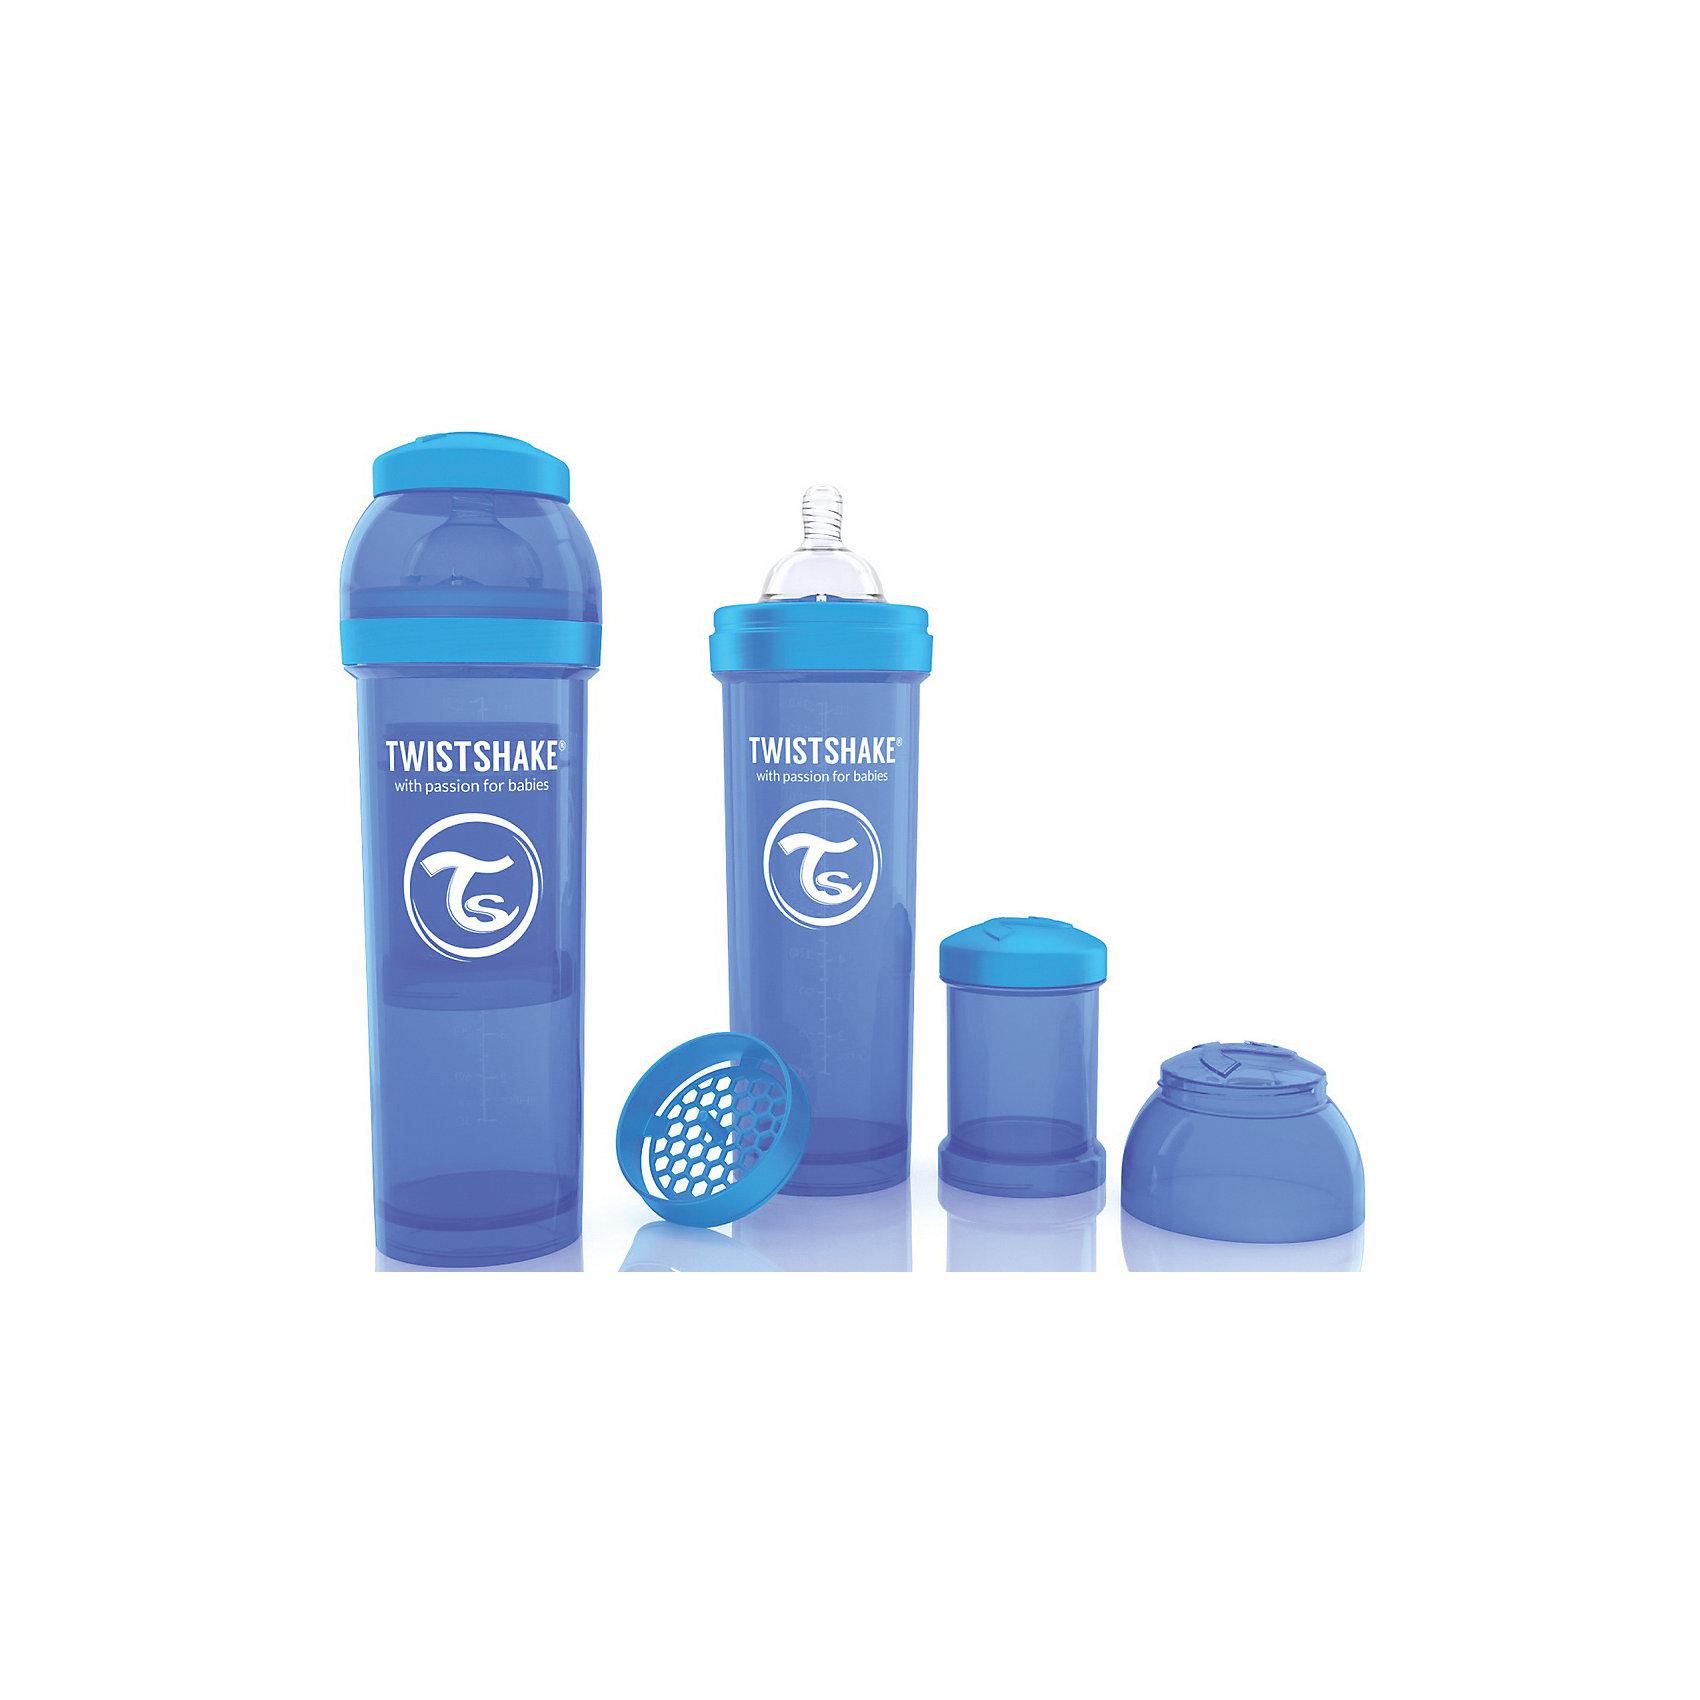 Антиколиковая бутылочка 330 мл., Twistshake, синийБутылочки и аксессуары<br>Антиколиковая бутылочка 330 мл., синий от шведского бренда Twistshake (Твистшейк), придет по вкусу малышам и современным родителям. Эти бутылочки идут в комплекте с контейнером для сухой смеси, чтобы можно было готовить смесь в любом месте непосредсвенно перед кормлением. Также в комплект входит решеточка для разбивки комочков смеси, делая саму смесь идеальной. Материал бутылочки имеет свойства сохранения температуры, не содержит бисфенол А. Удобная форма горлышка обеспечивает доступ к полной промывки бутылочки, можно стерилизовать как холодным, так и горячим методами. Небольшой контейнер для смеси (100 мл.) можно использовать для хранения еды, например печенья или кусочков яблока. Соска бутылочки имеет ортодонтичную форму, благодаря специальному клапану и строению предотвращает попадание воздуха и снижает вероятность появления коликов у крохи. Все предметы складываются в бутылочку для удобной транспортировки и хранения. Также можно купить бутылочки разных цветов и комбинировать их в любимые цветовые сочетания.<br><br>Дополнительная информация:<br><br>- В комплект входит: бутылочка с соской 330 мл., контейнер с крышкой 100 мл., решетка, крышка для бутылочки.<br>- Размер соски: L<br>- Состав бутылочки: 100% пропиллен<br>- Состав соски: силикон<br><br>Антиколиковую бутылочку 330 мл., Twistshake, синий можно купить в нашем интернет-магазине.<br>Подробнее:<br>• Для детей в возрасте: от 4 месяцев <br>• Номер товара: 4976051<br>Страна производитель: Китай<br><br>Ширина мм: 70<br>Глубина мм: 70<br>Высота мм: 220<br>Вес г: 176<br>Возраст от месяцев: 4<br>Возраст до месяцев: 12<br>Пол: Унисекс<br>Возраст: Детский<br>SKU: 4976051